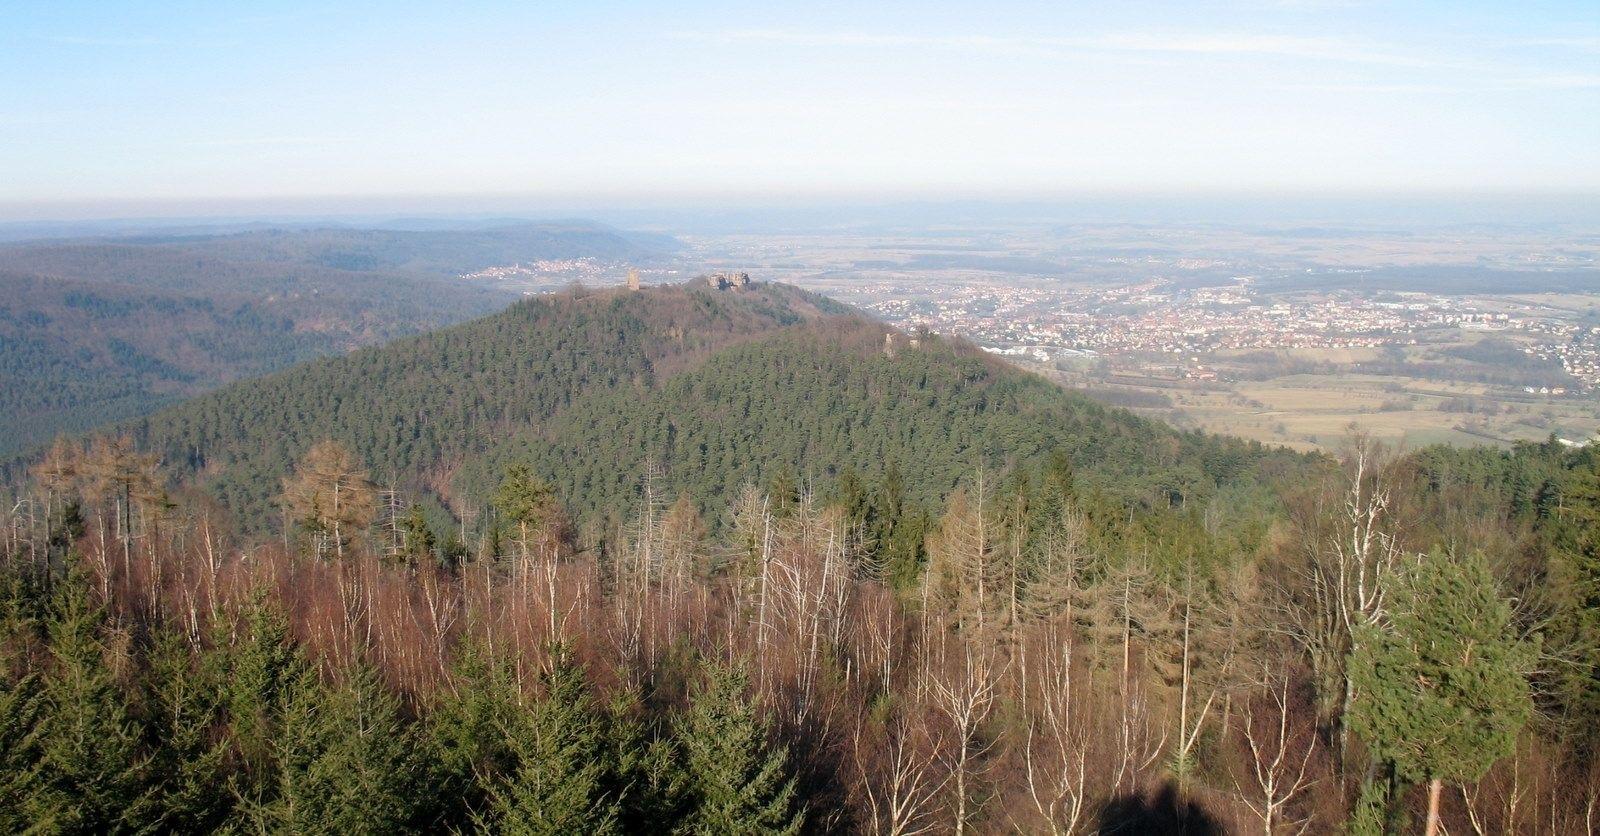 Haegen, Bas-Rhin, France